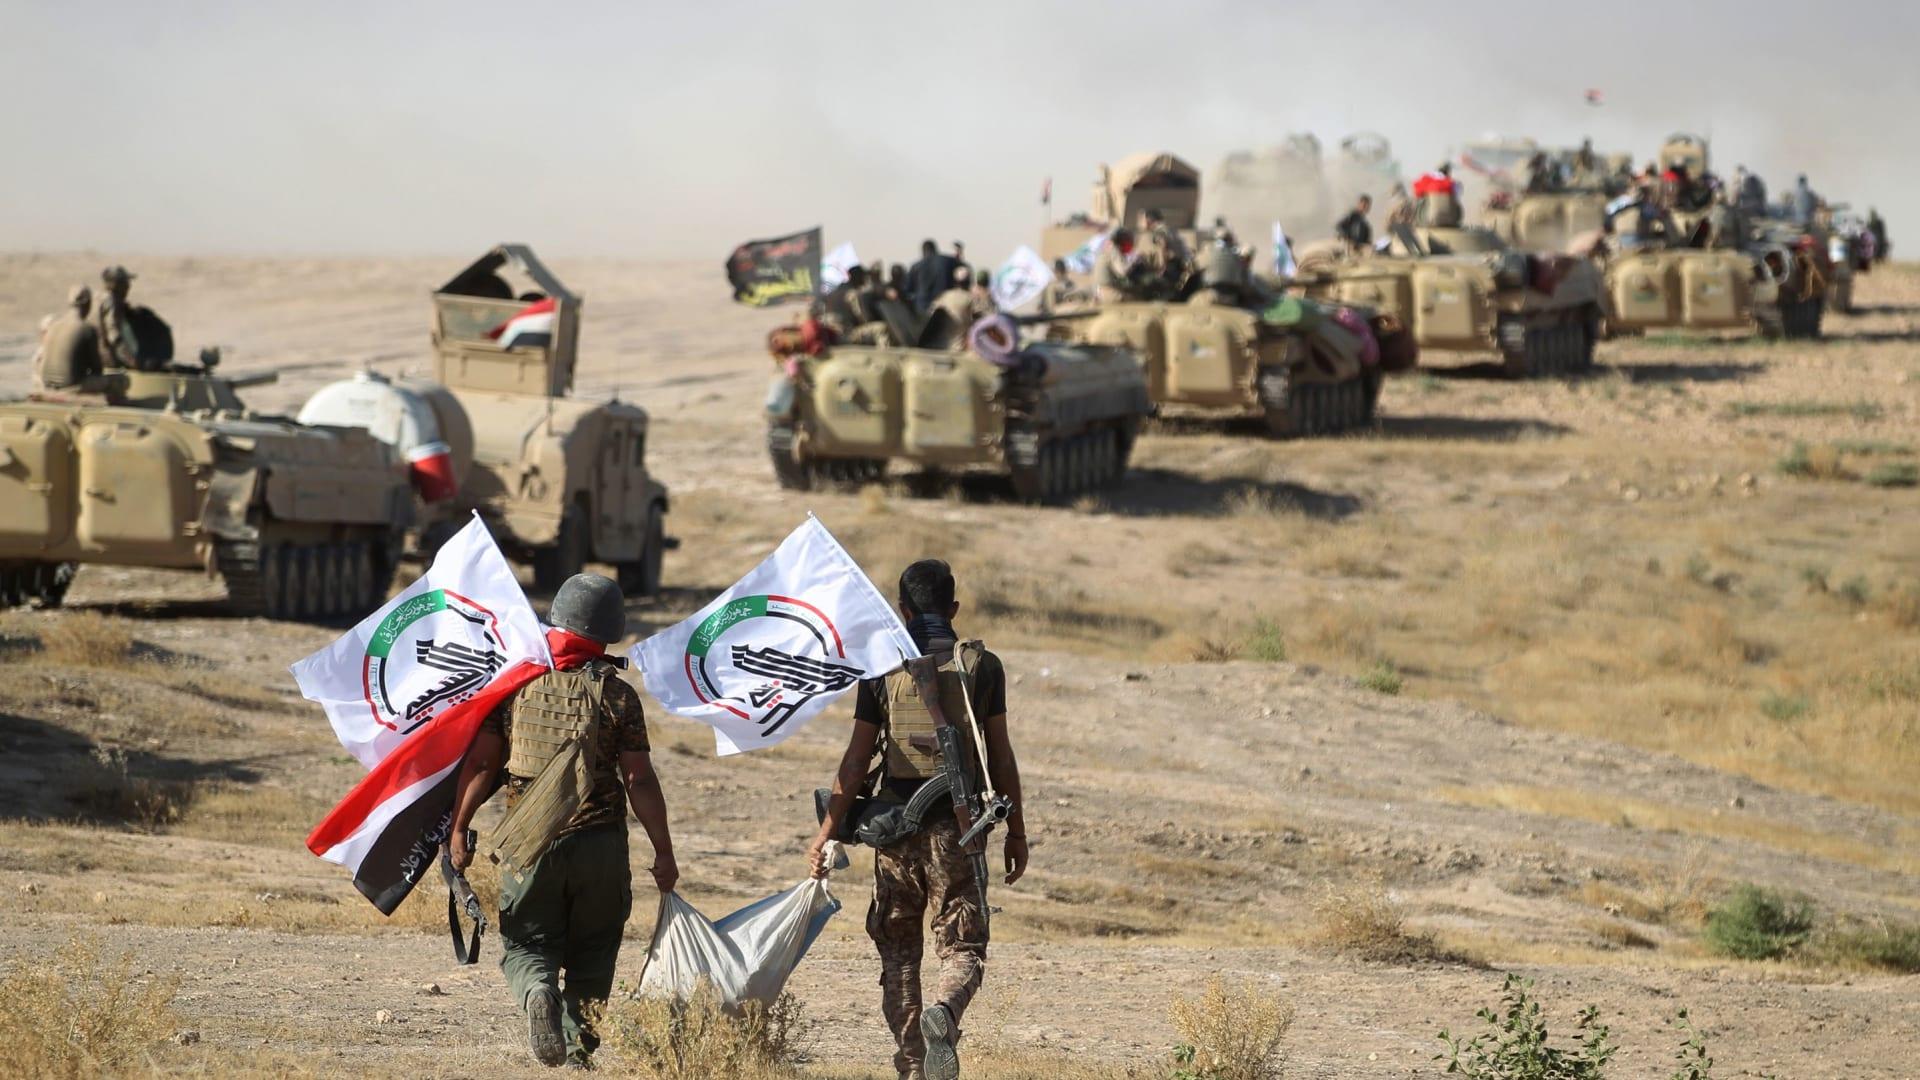 """المالكي: استهداف """"الحشد"""" على الحدود مع سوريا يهدف لإعادة إحياء داعش"""